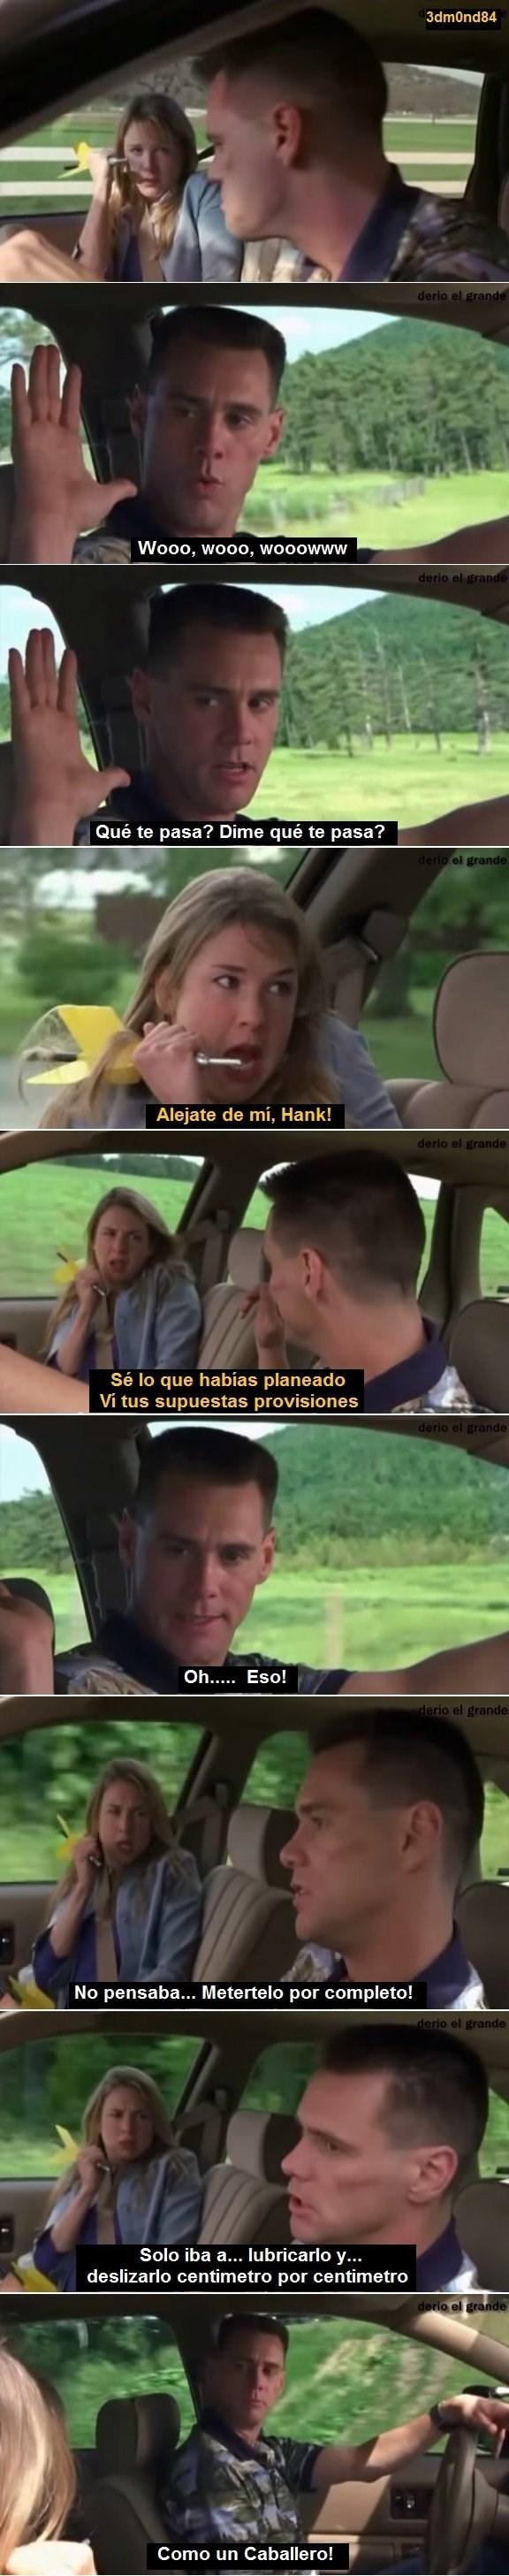 escena de la película me myself and I en espanol